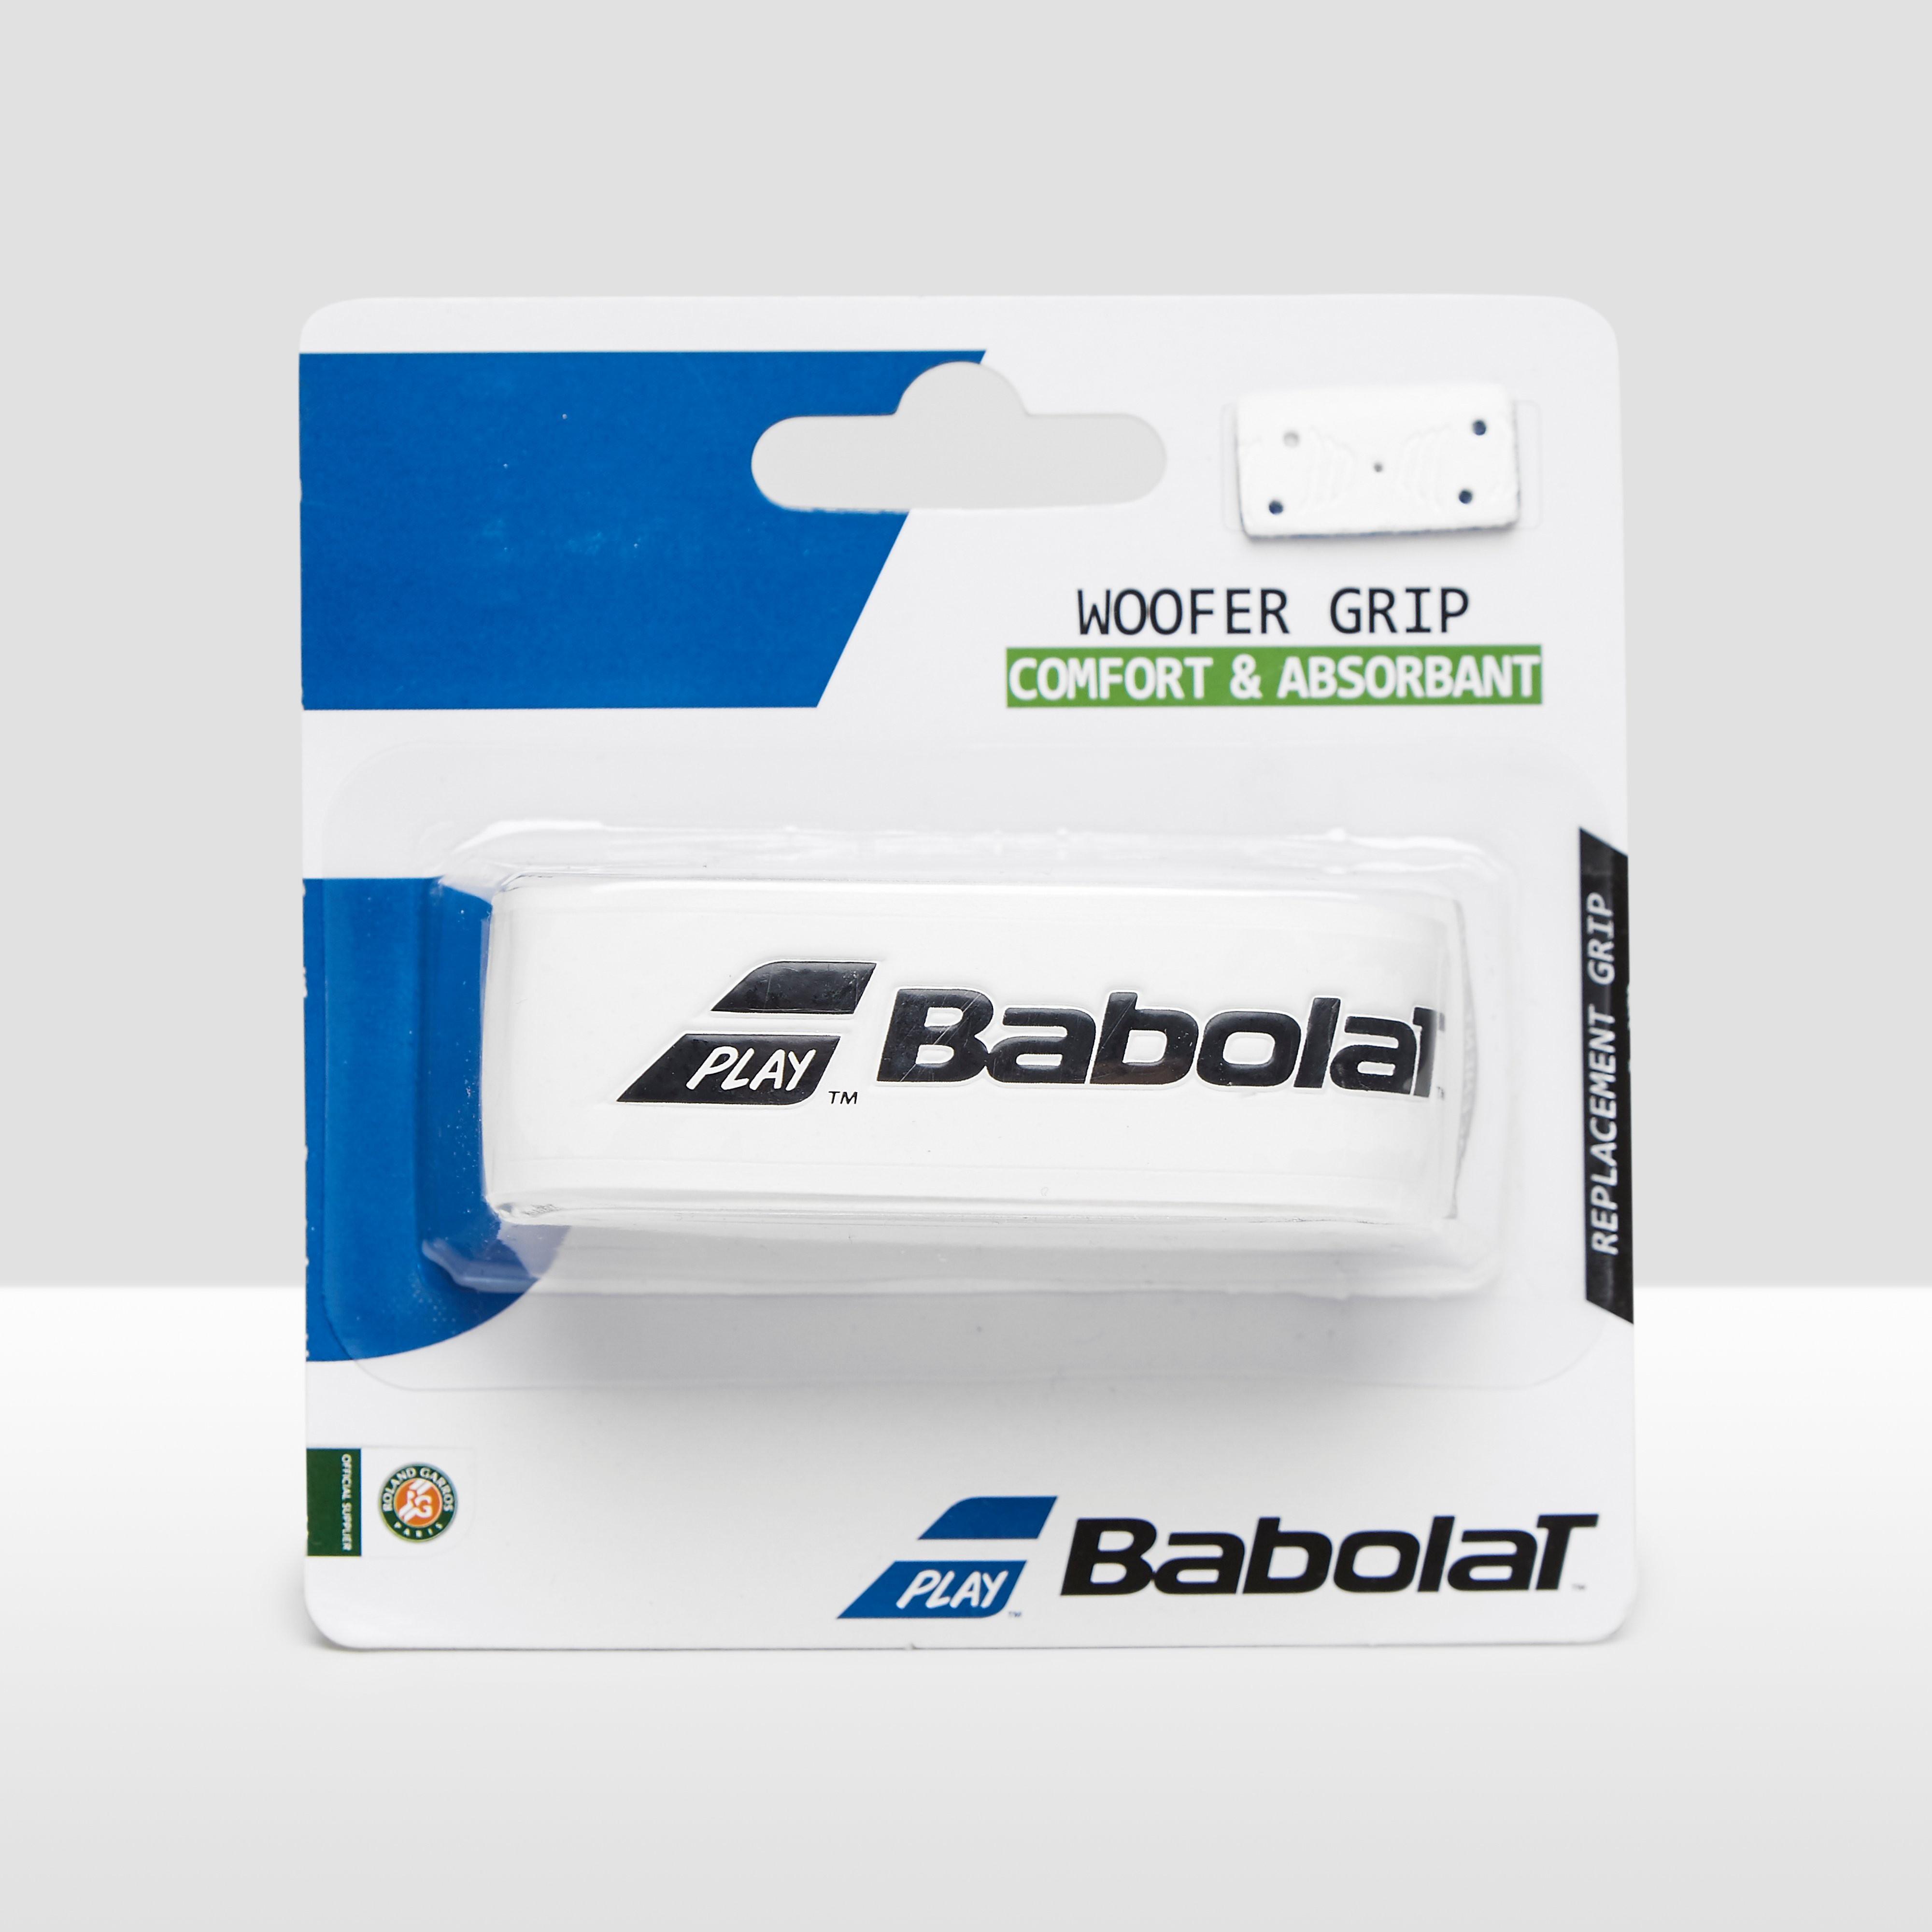 BABOLAT WOOFER GRIP X1 TENNISGRIP WIT